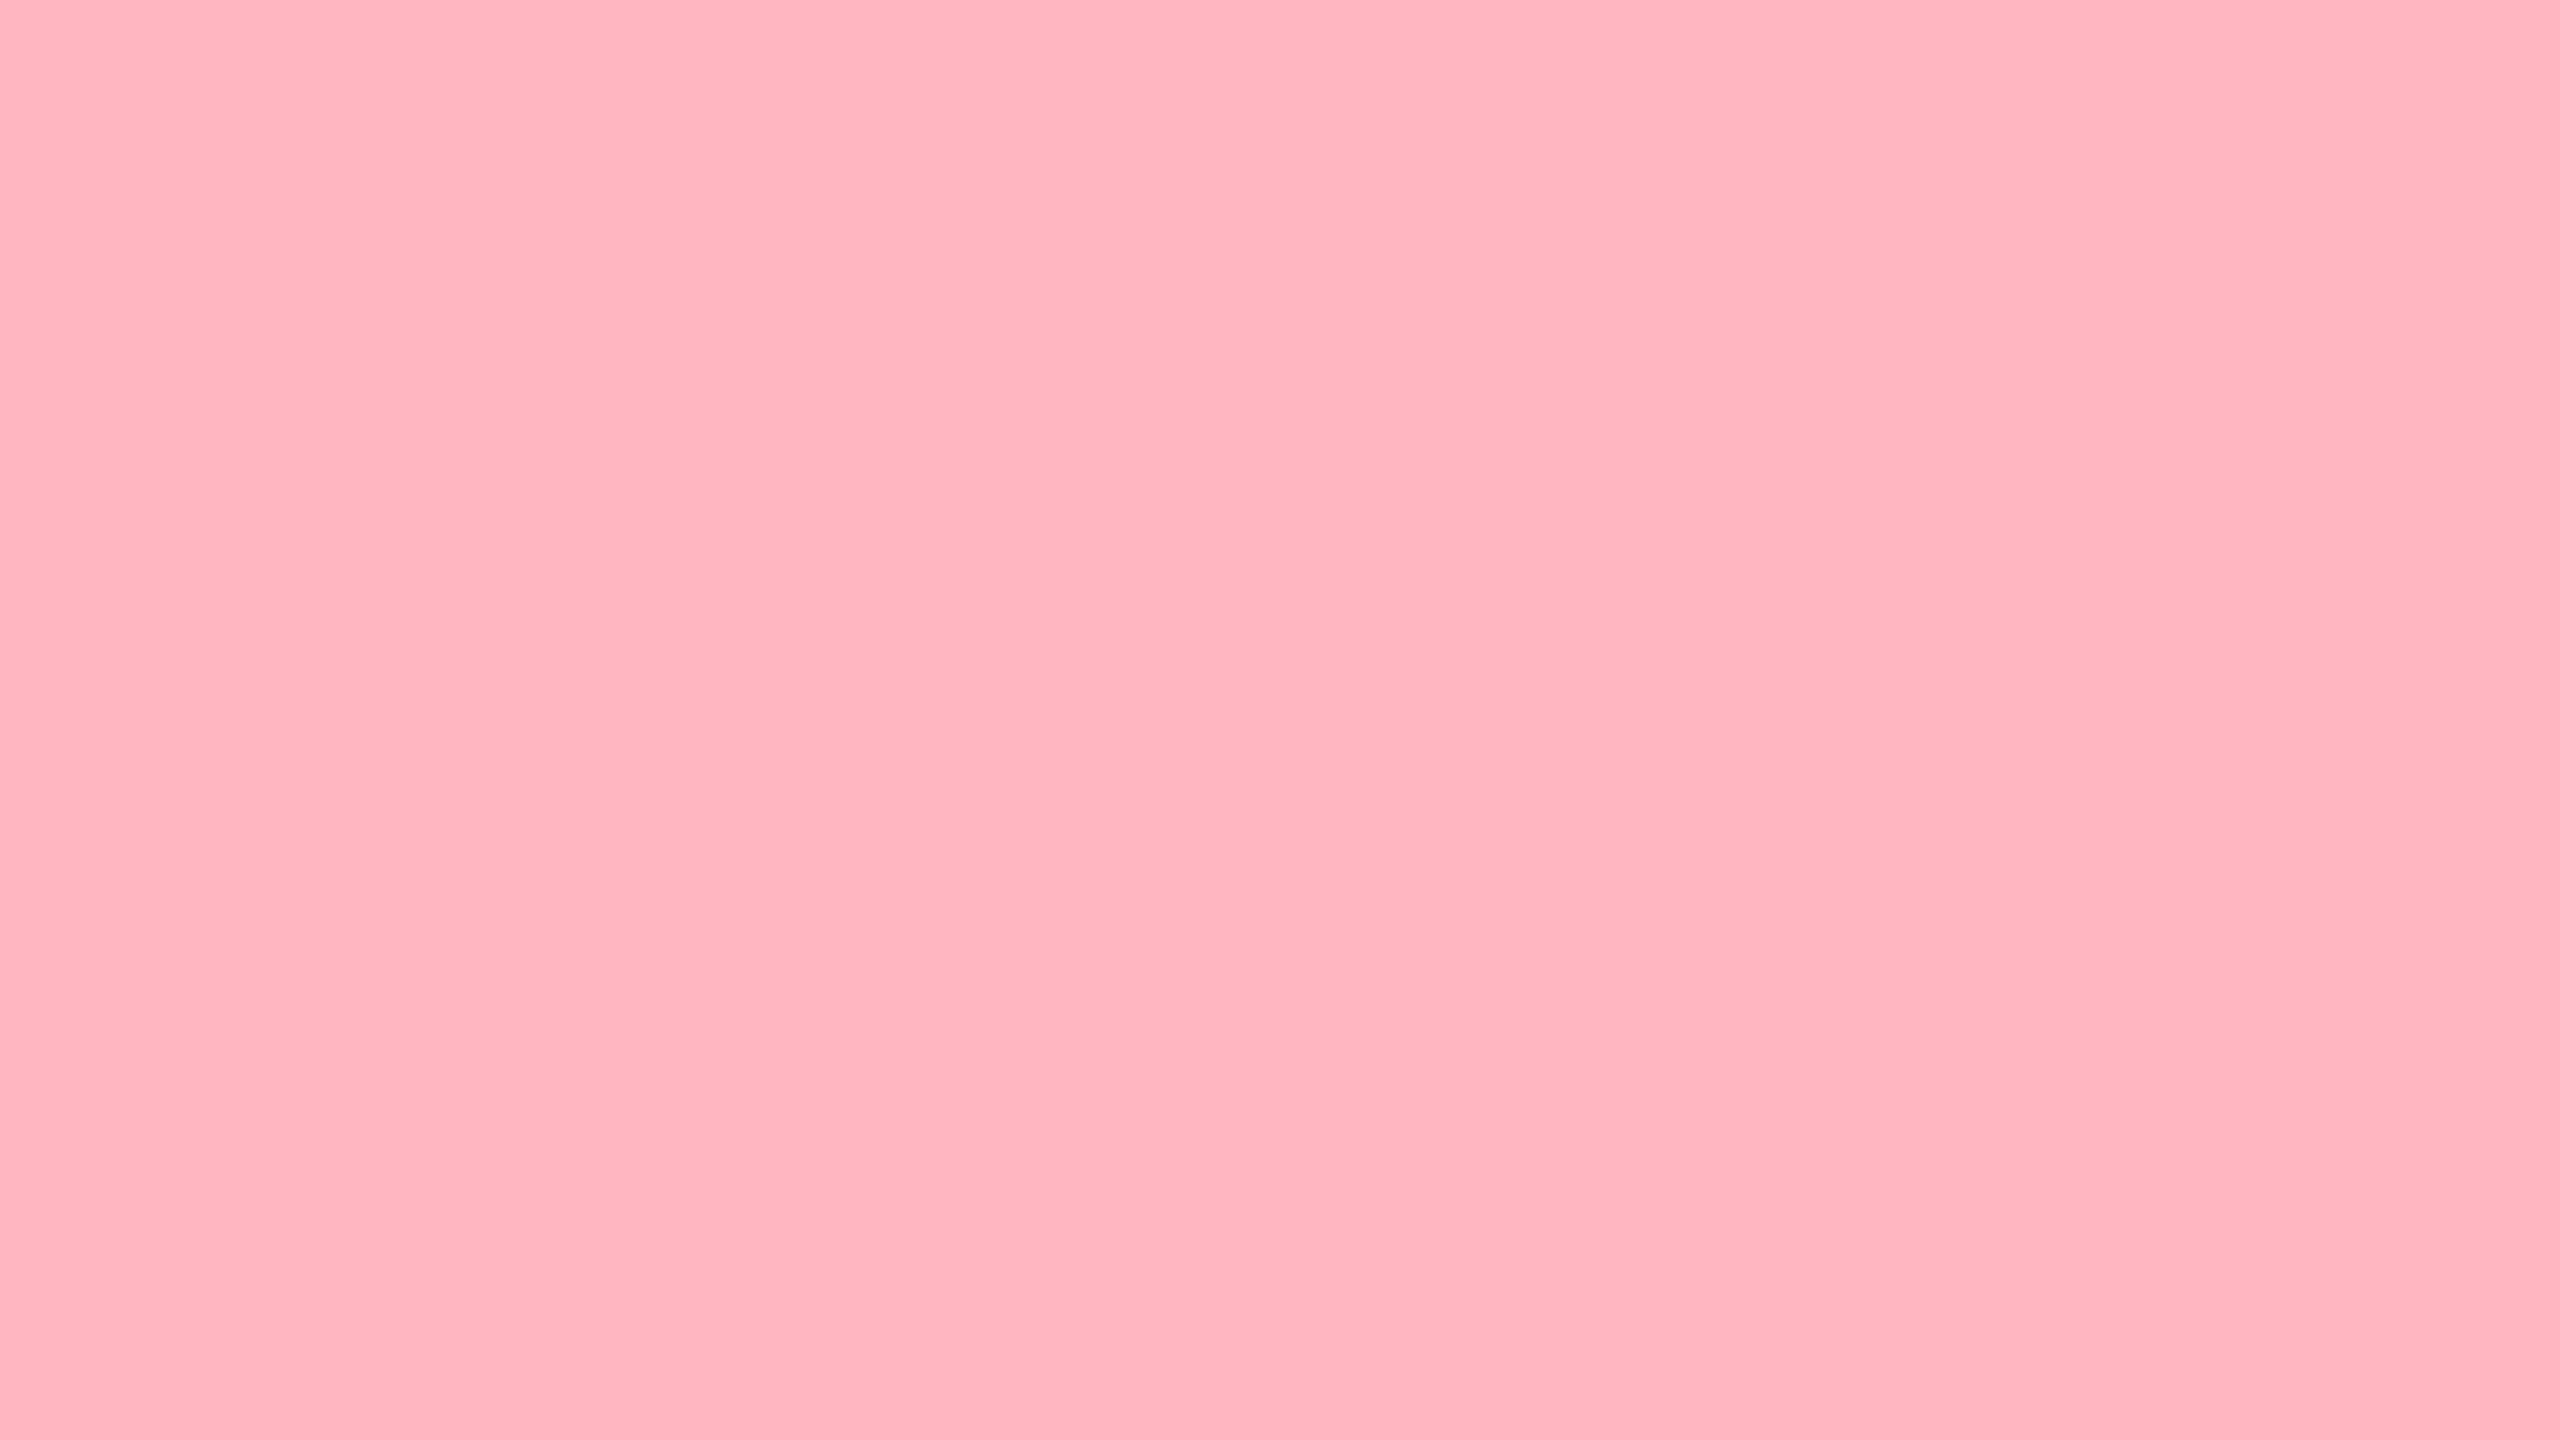 товарищ наш светло розовый цвет картинка этом девушку интернете